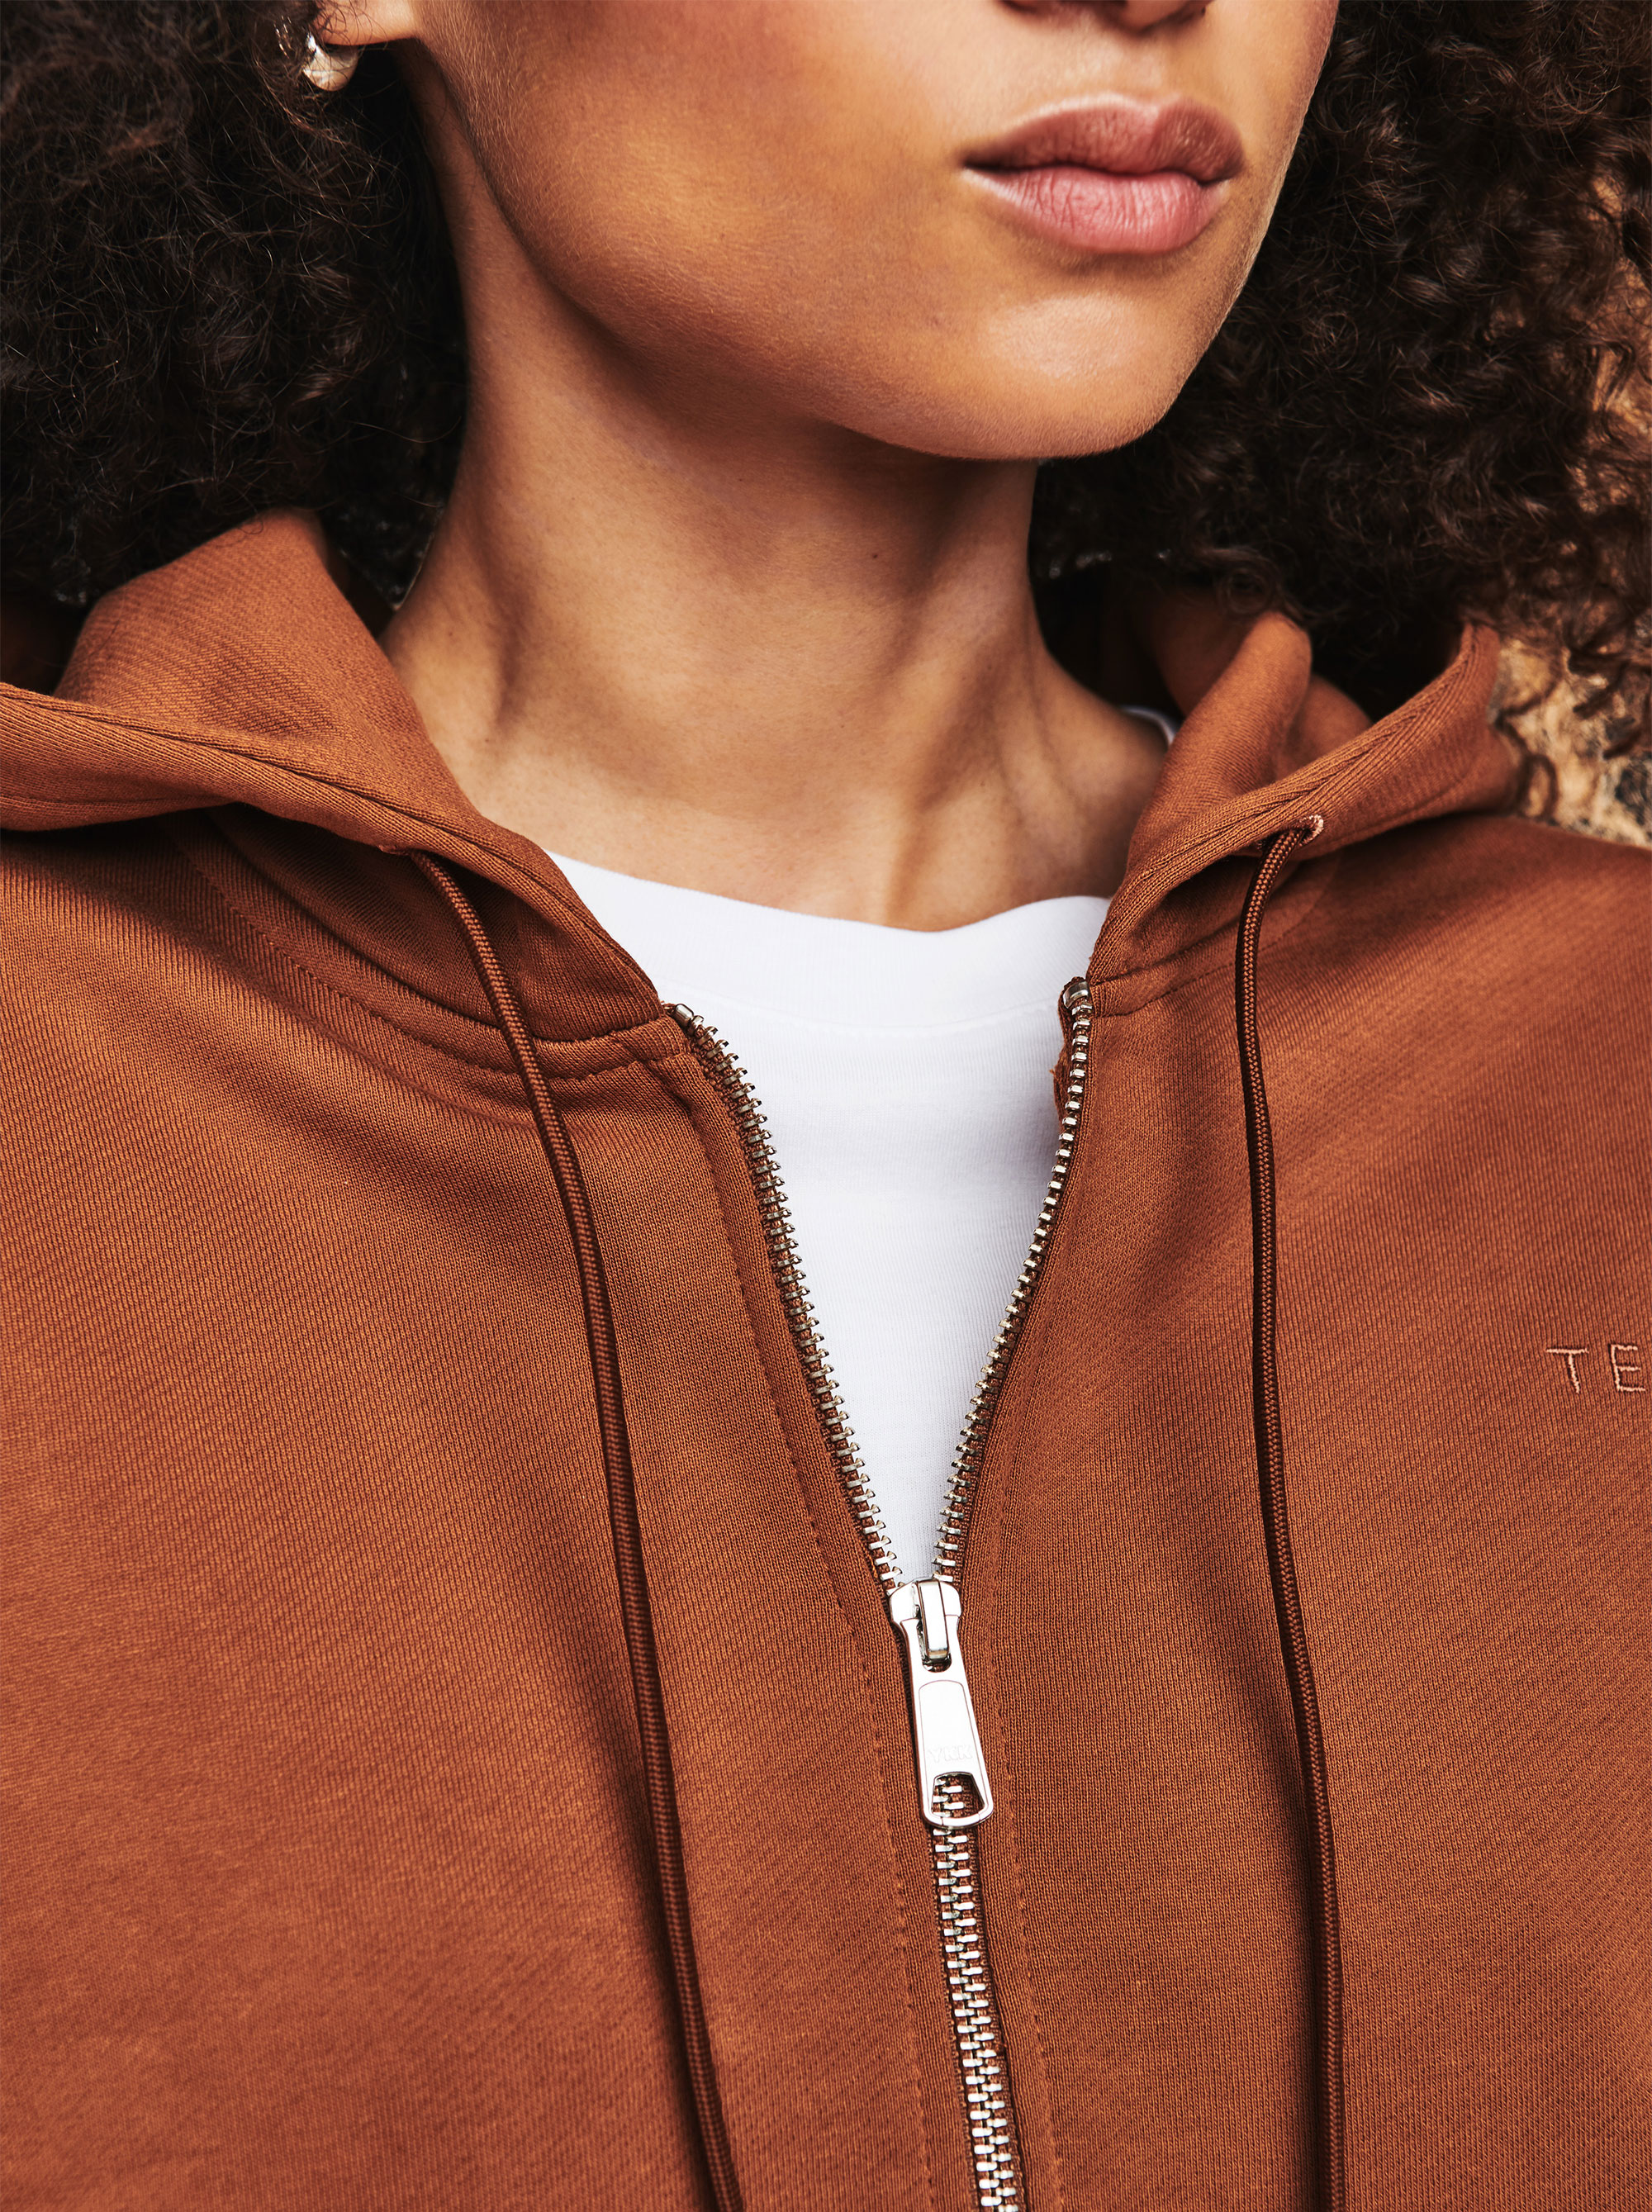 Teym - The Zip Hoodie - Women - Camel - 3